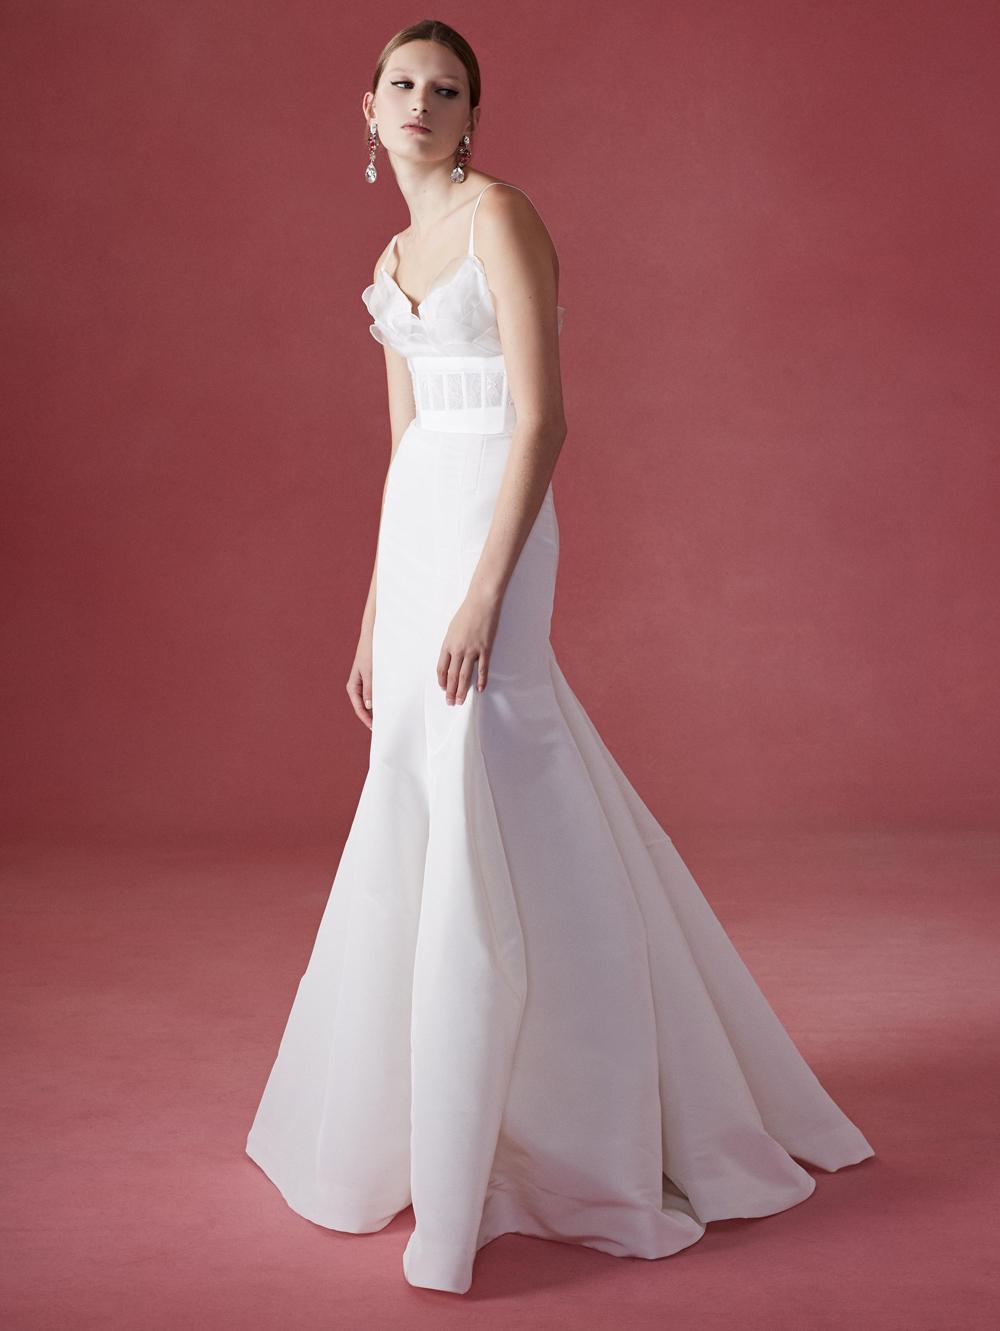 See Oscar De La Rentas Fall 2016 Wedding Dress Collection In Its